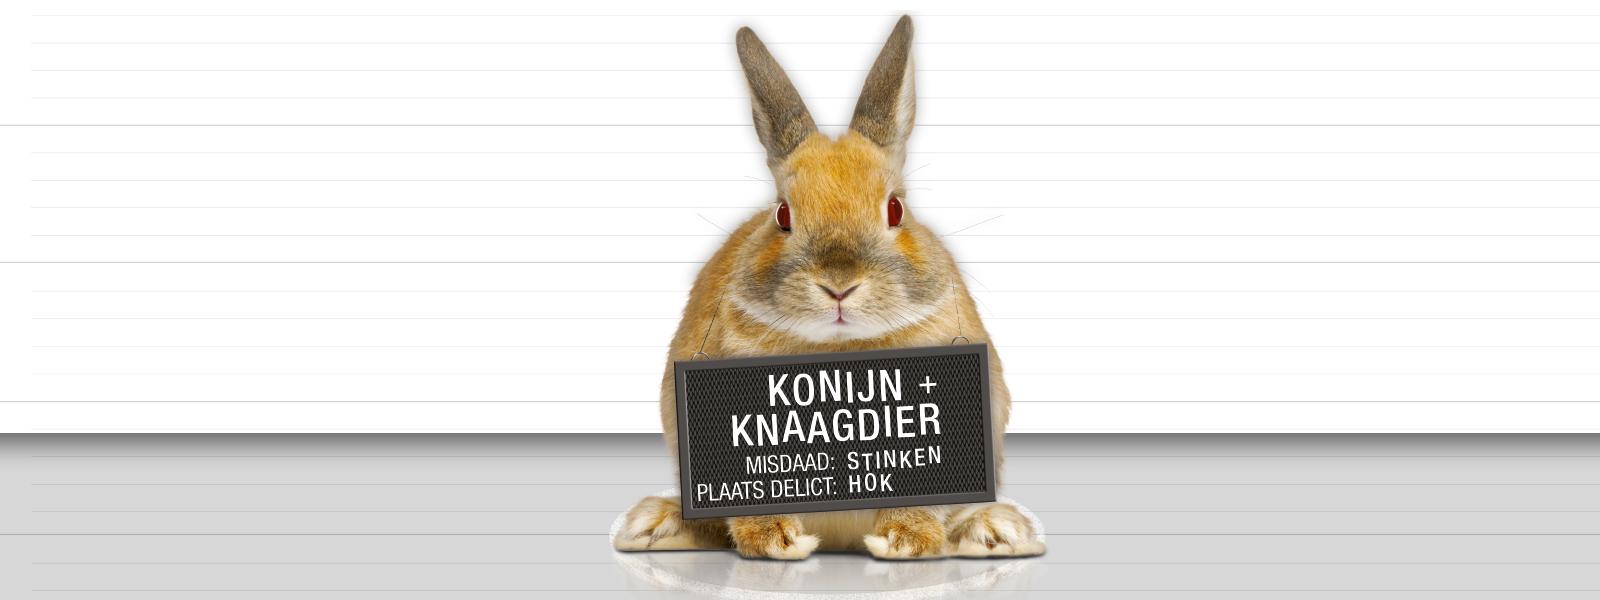 konijn_csi urine